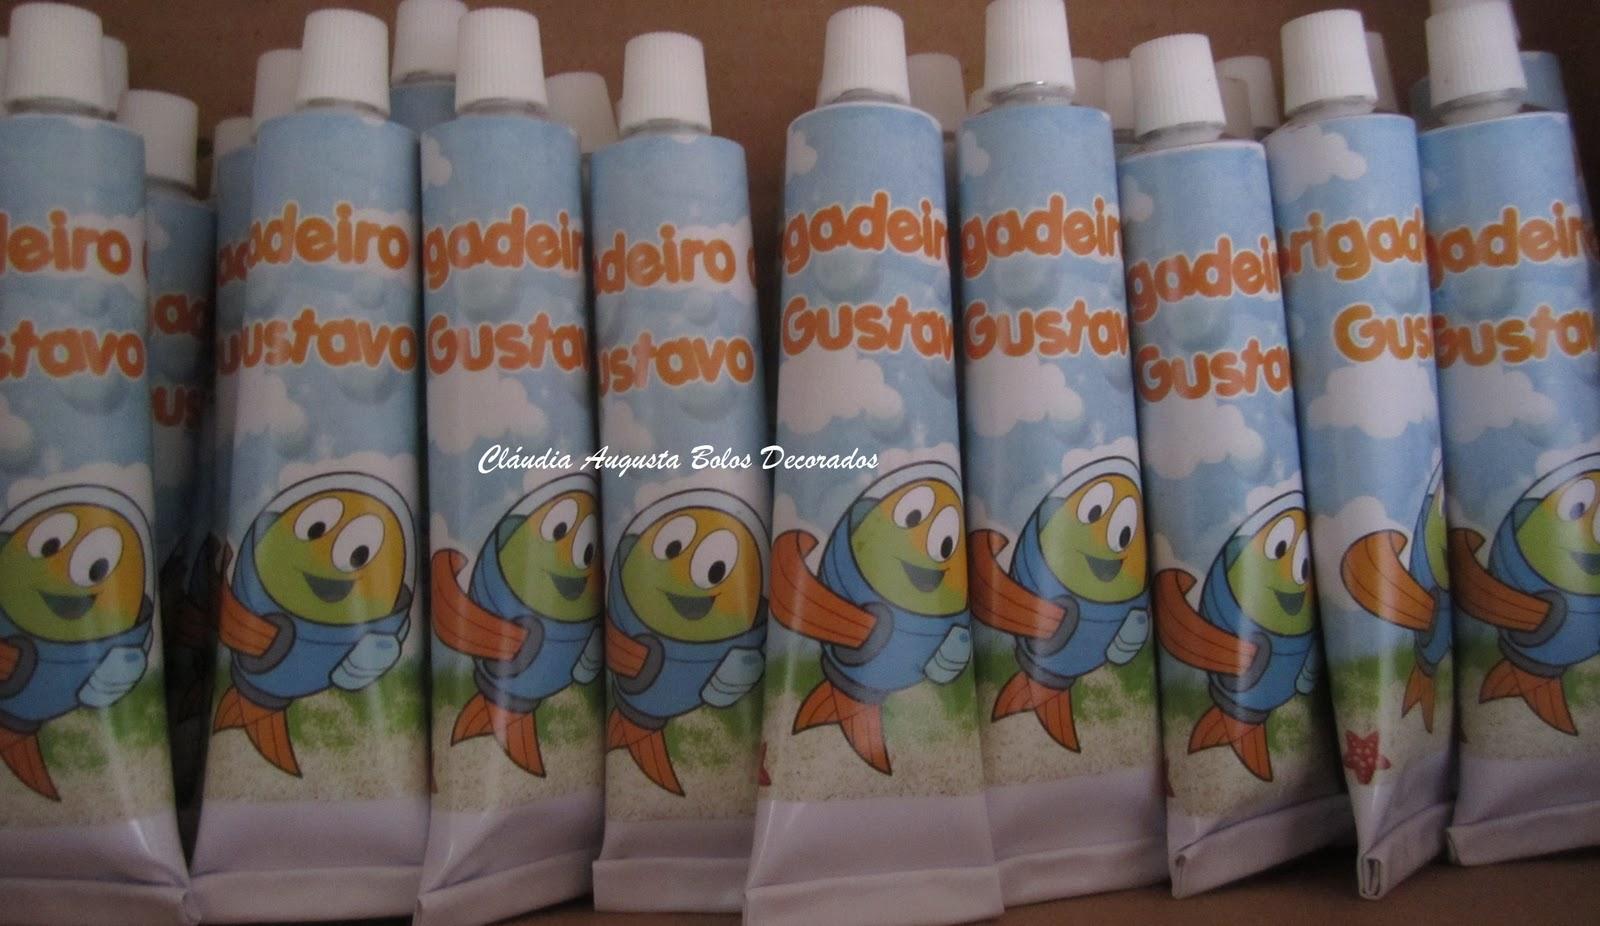 Postado Por Cl  Udia Augusta Cake Designer   S Domingo  Novembro 20